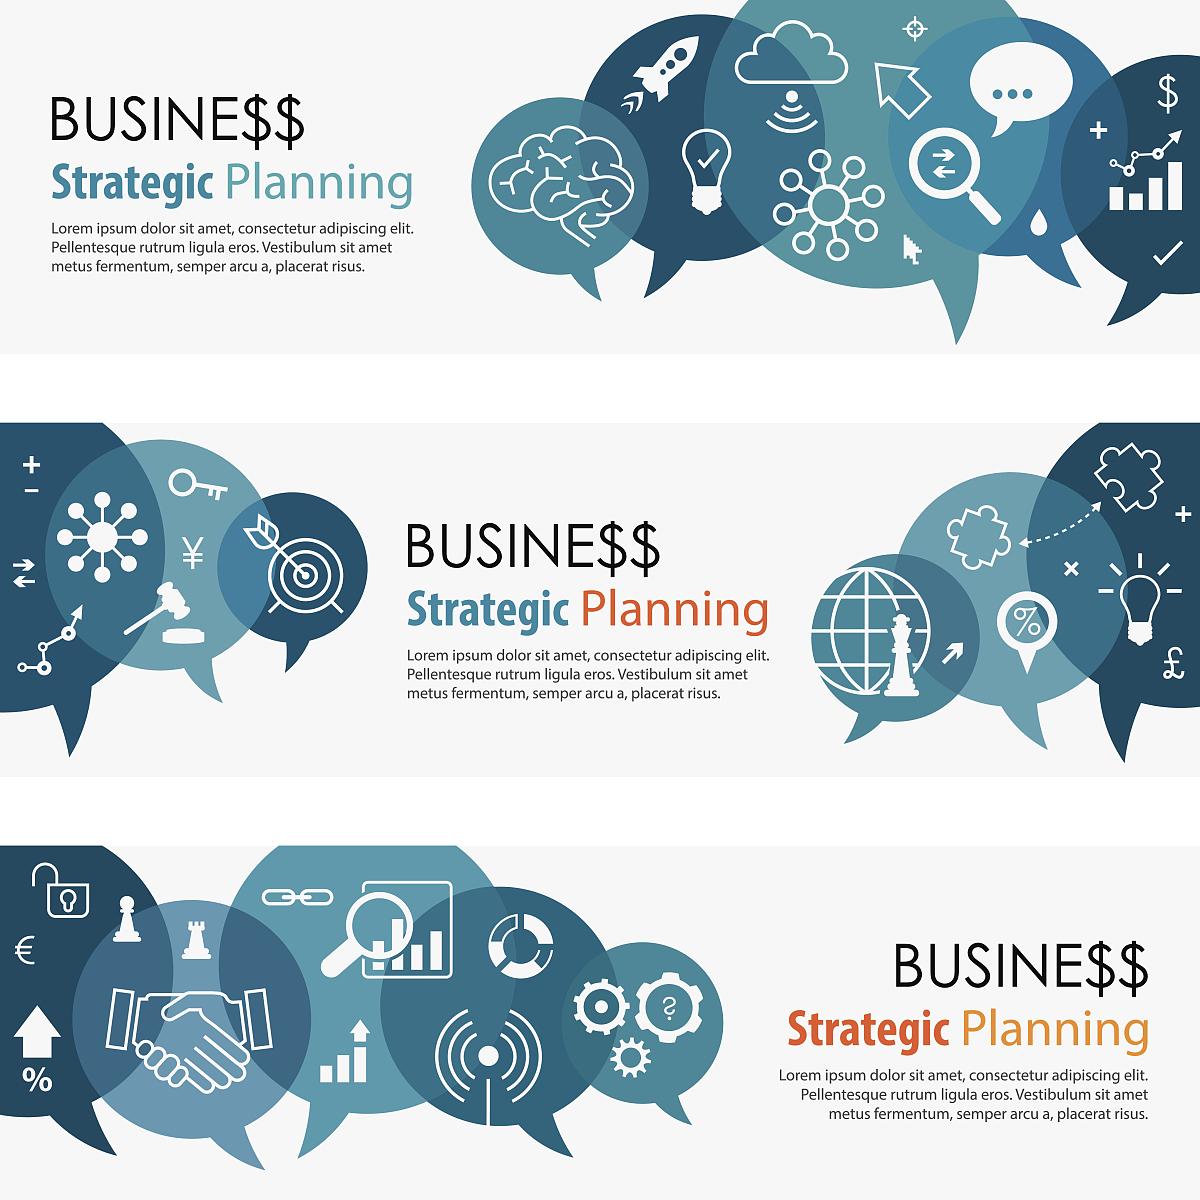 商业战略规划横幅和图标集图片